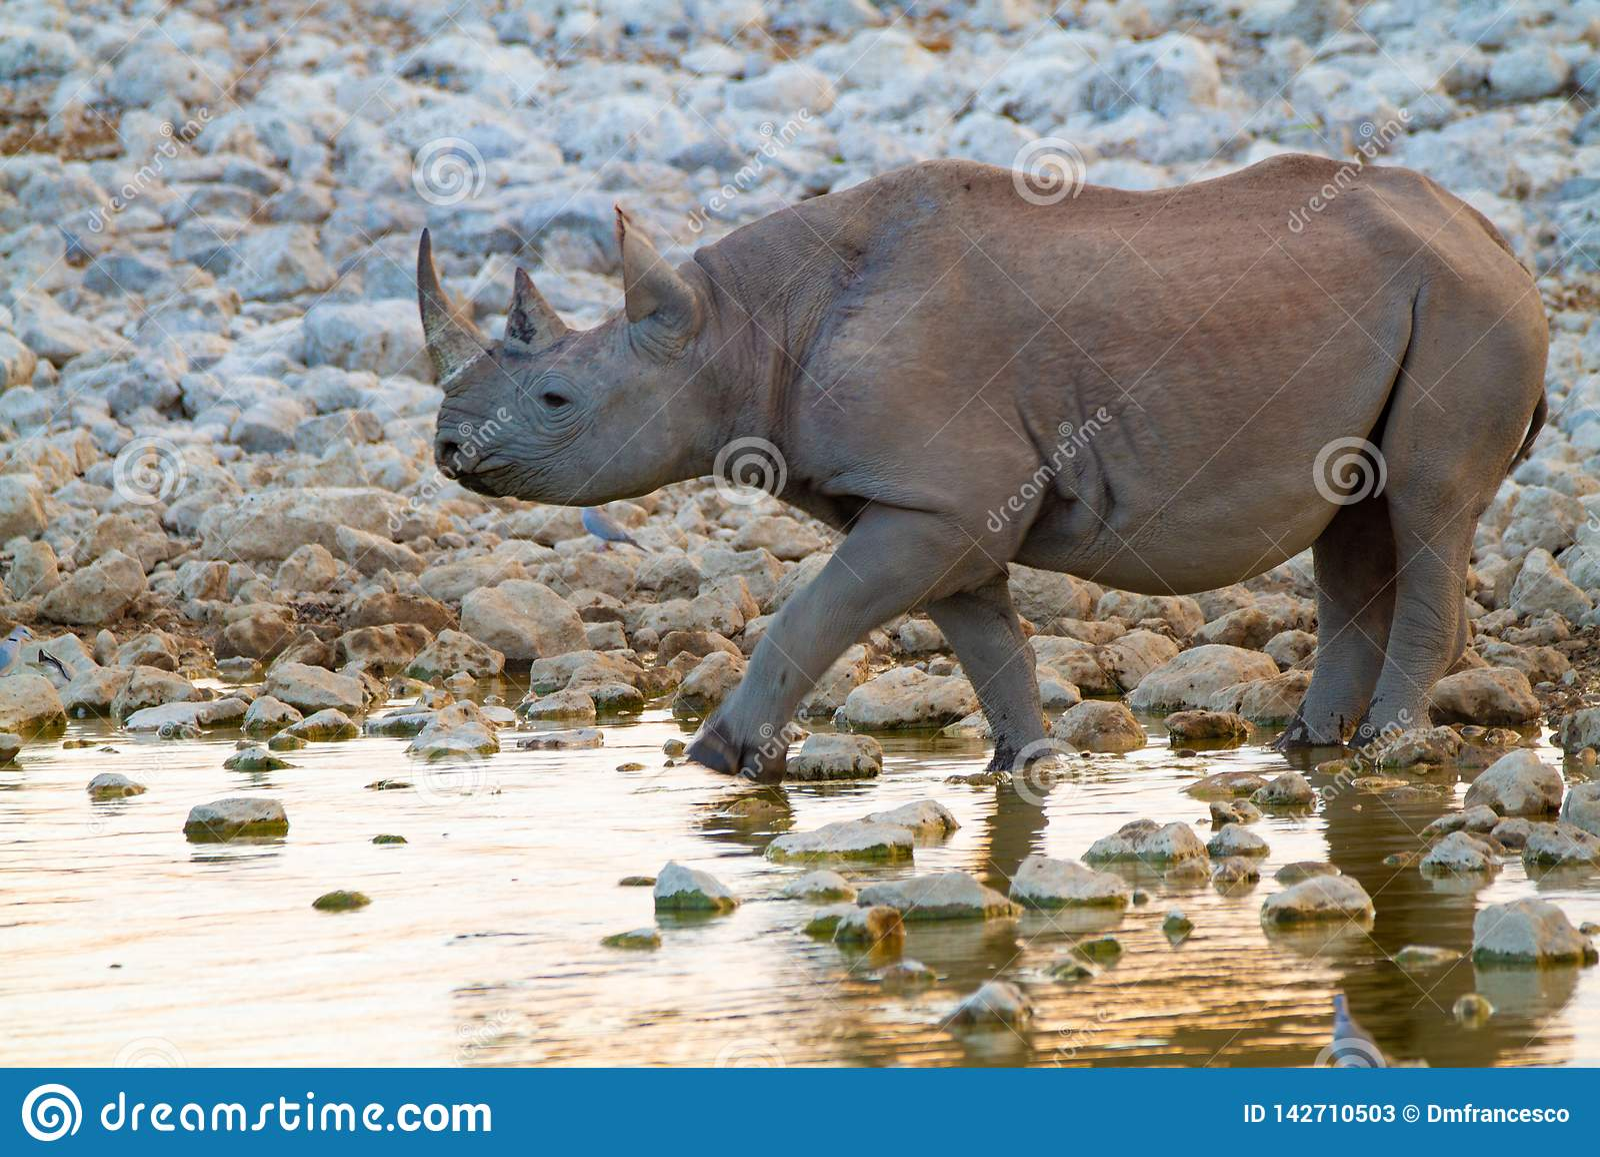 Déserts et nature mammifères africains de rhinocéros en parcs nationaux